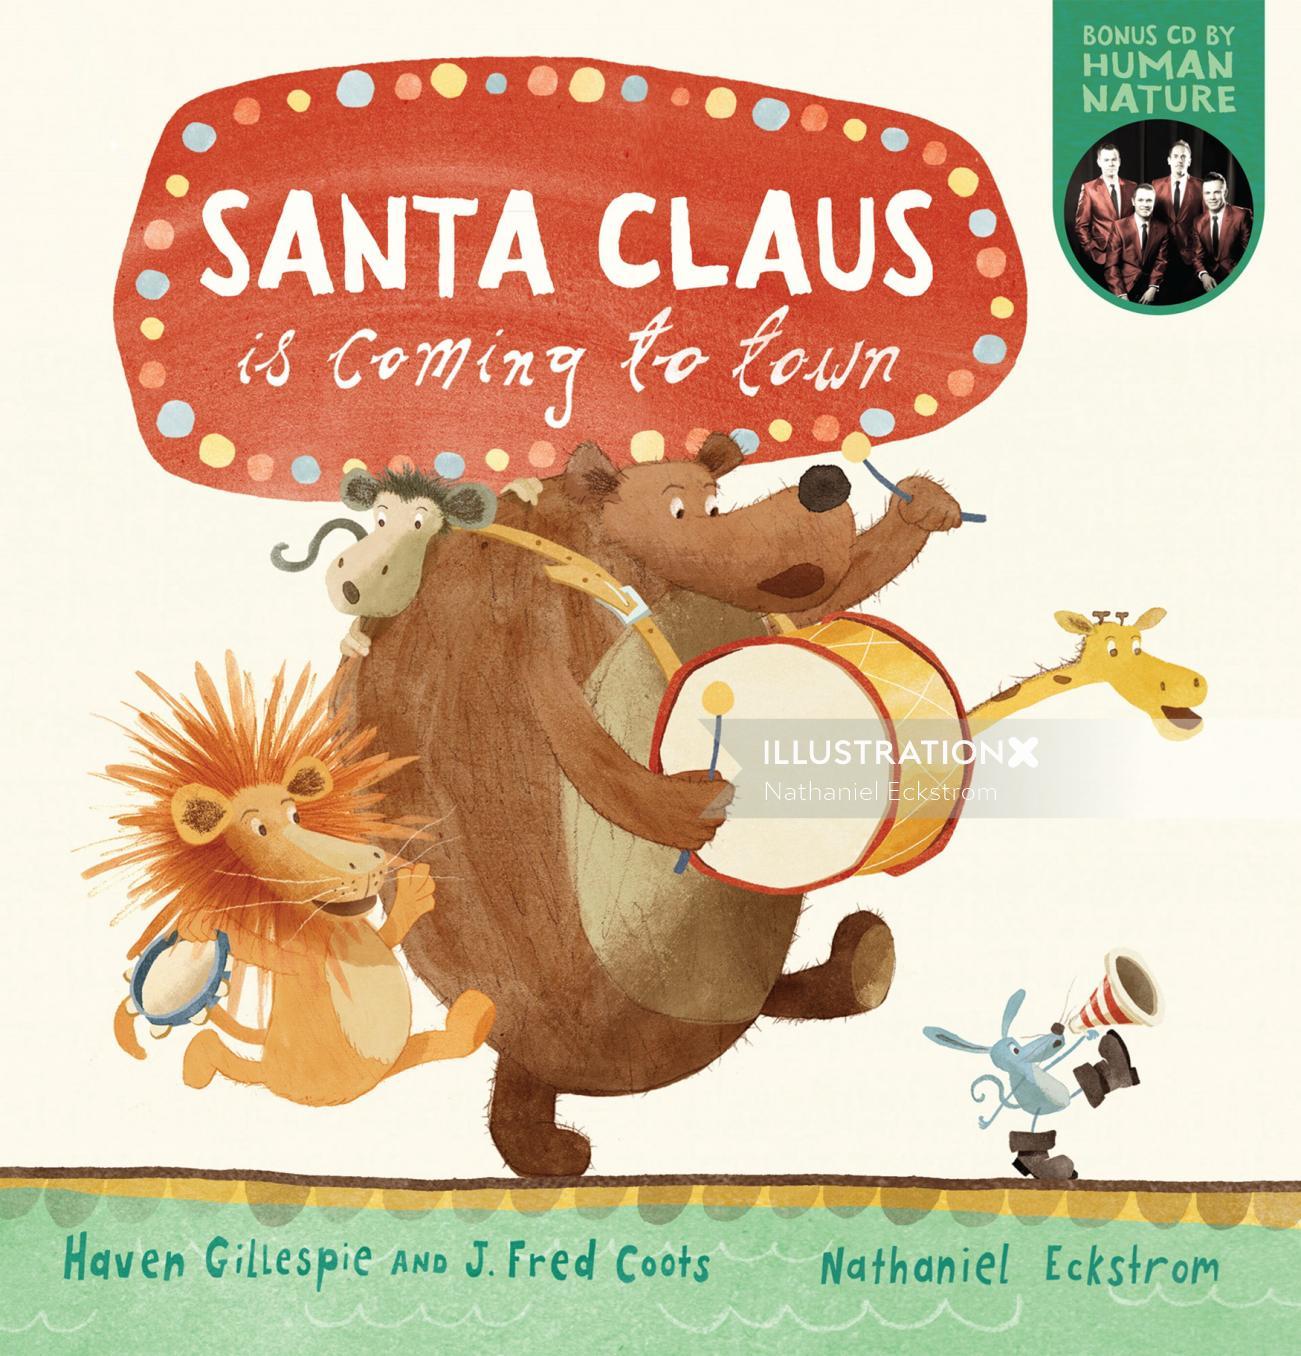 Children's Book Illustration By Nathaniel Eckstrom